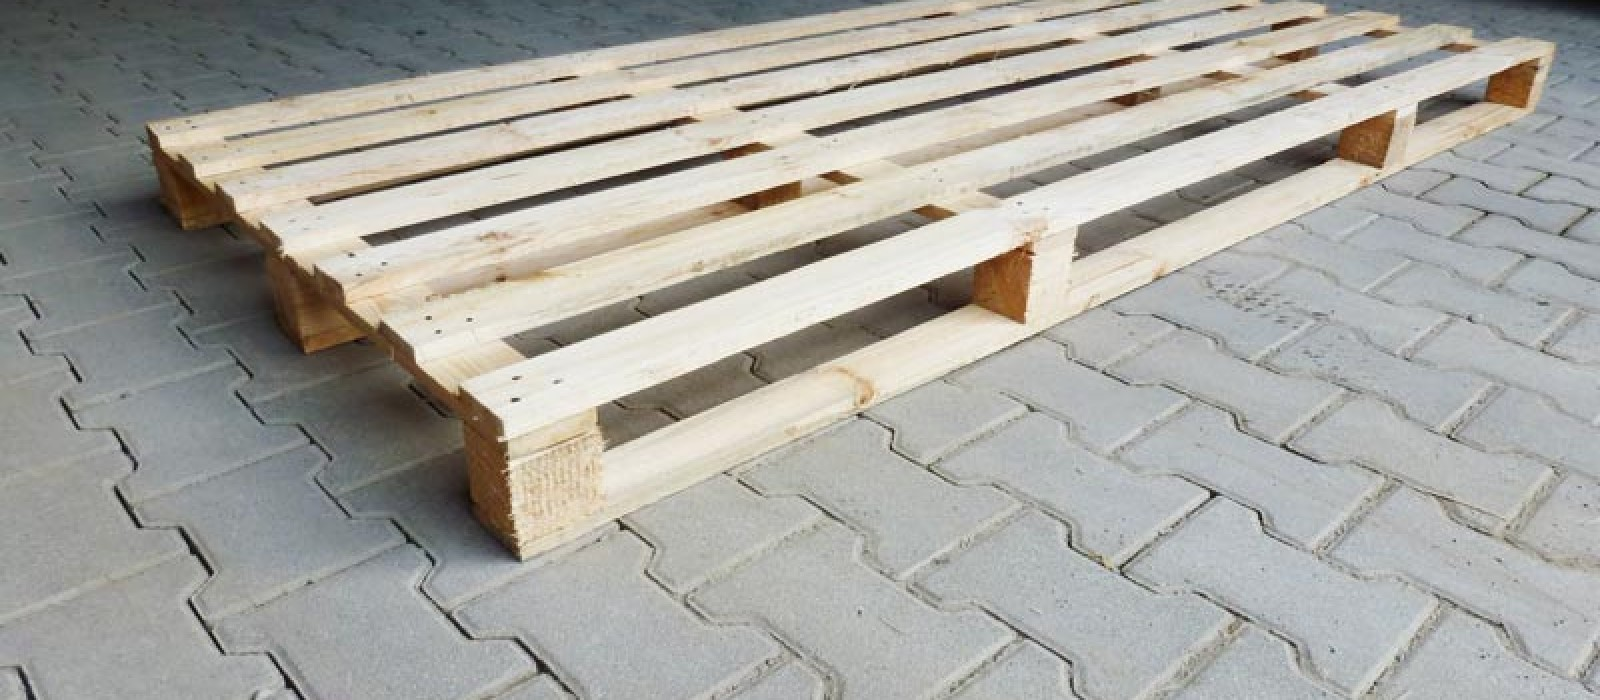 4-Wege-Holzpalette-2200×1000-mm-aus-Produktion-Wipperfürth